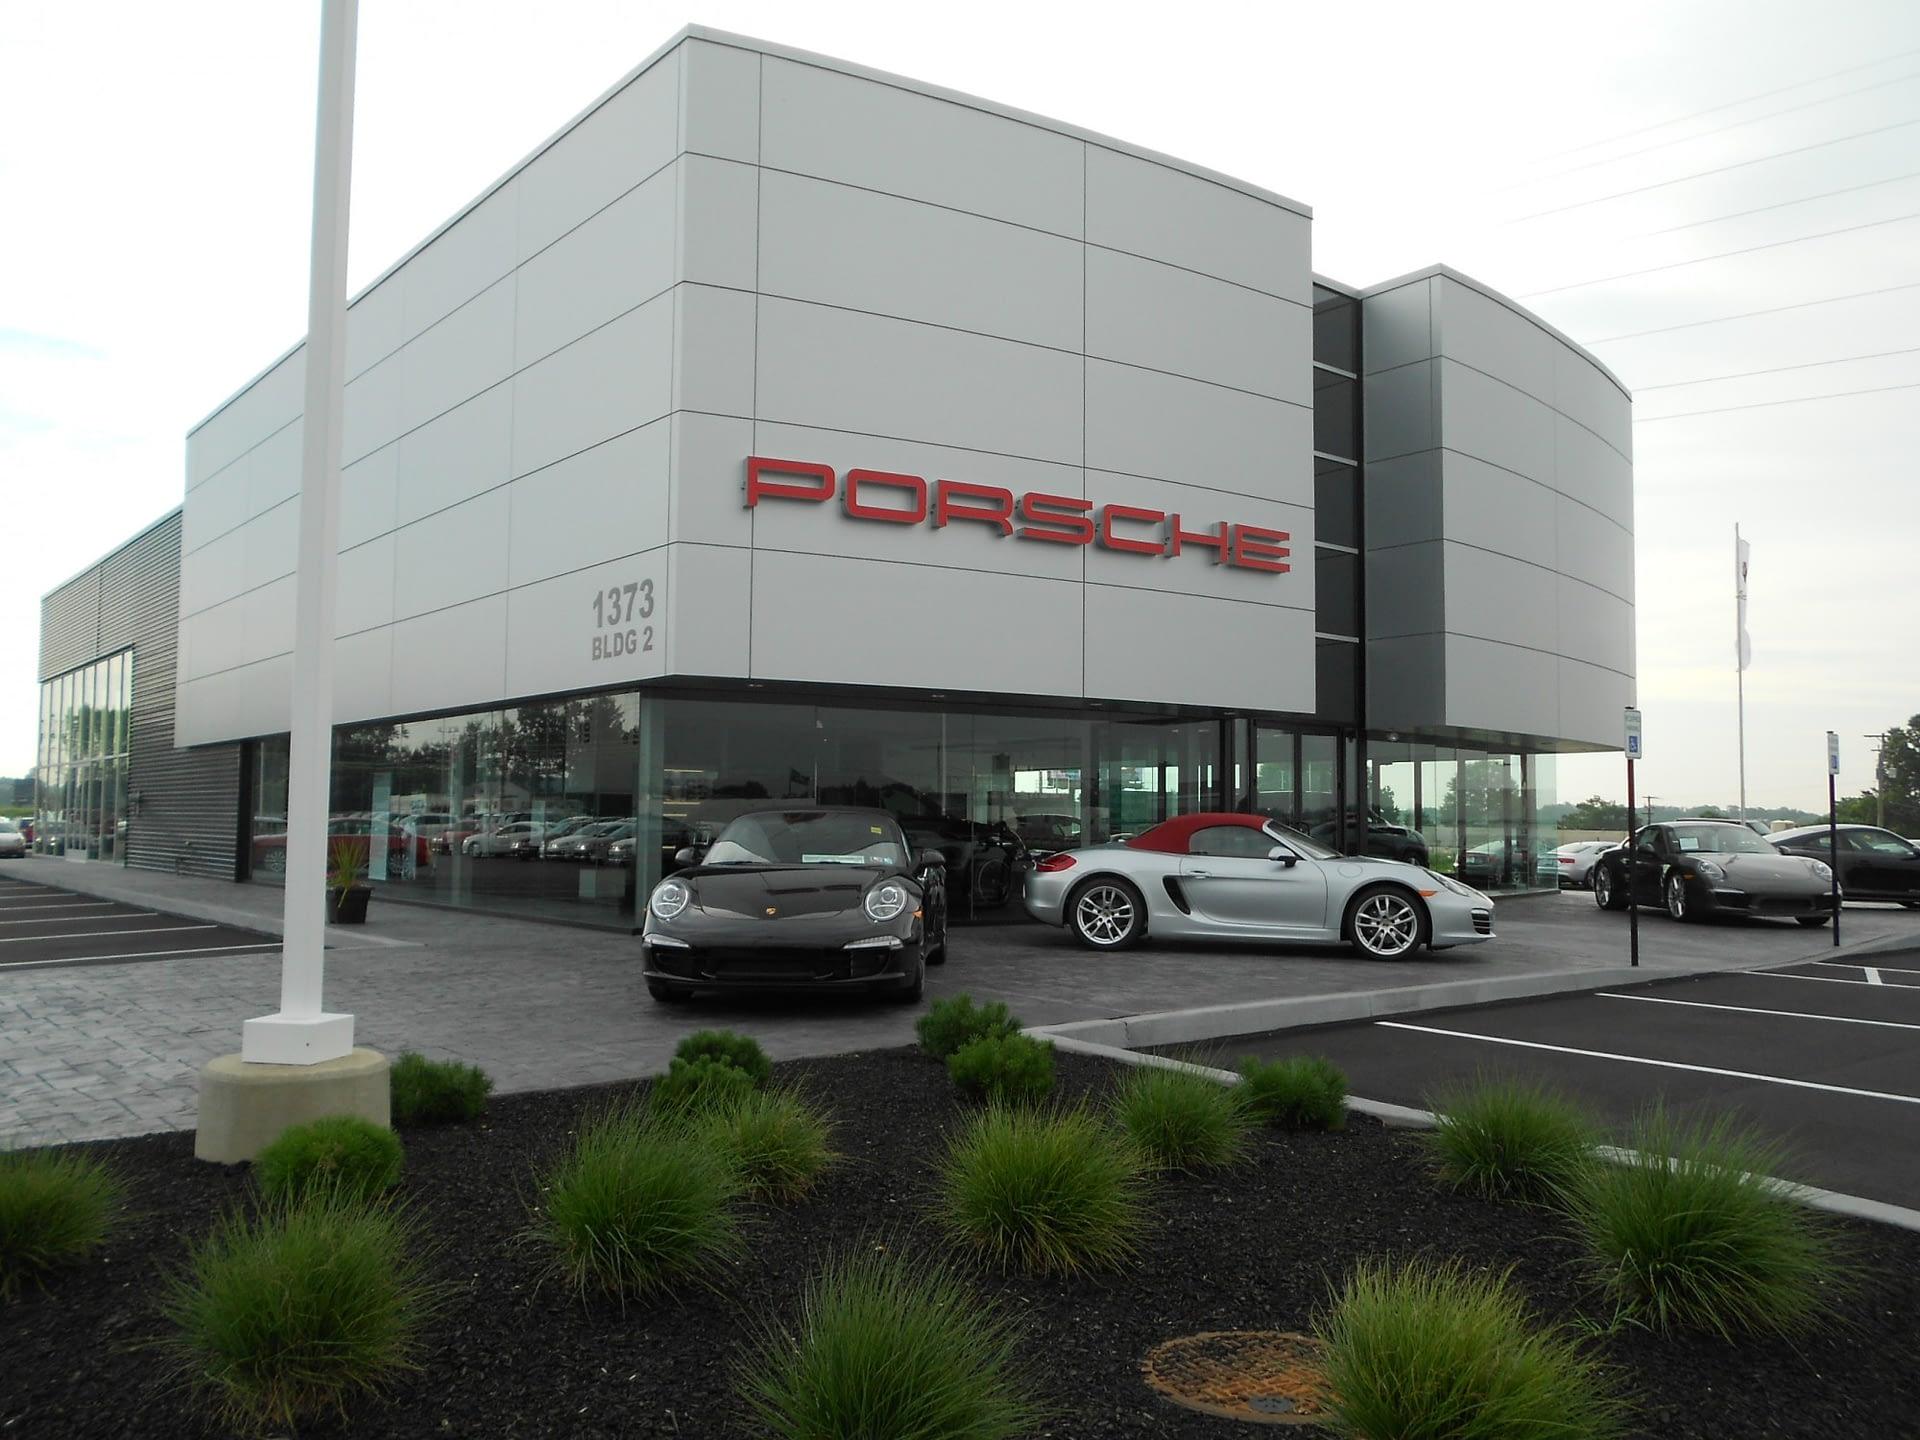 Autohaus Lancaster Porsche - Exterior 1